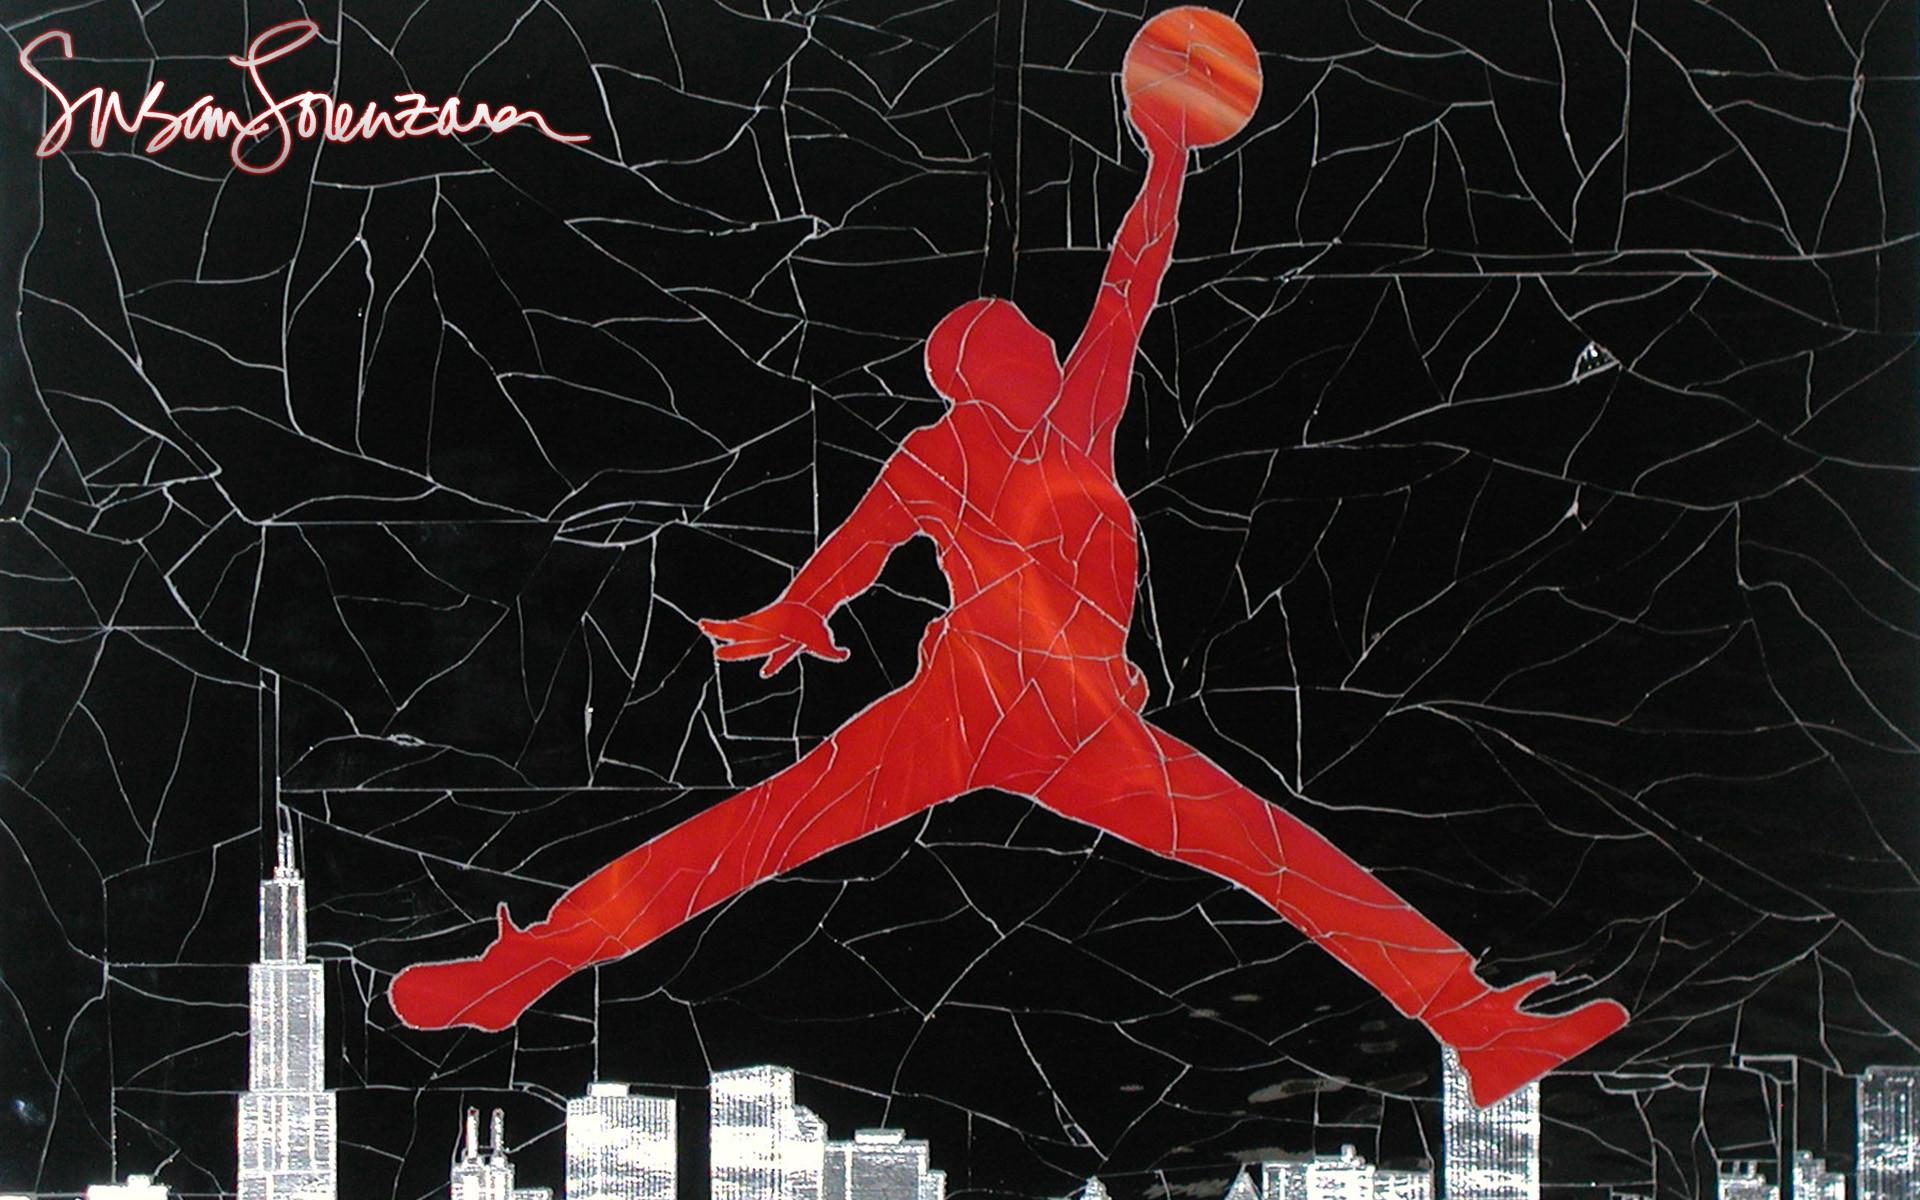 Air Jordan Logo Wallpapers Wallpaper 1000×625 Air Jordan Wallpaper (45  Wallpapers)   Adorable Wallpapers   Desktop   Pinterest   Air jordan and  Wallpaper